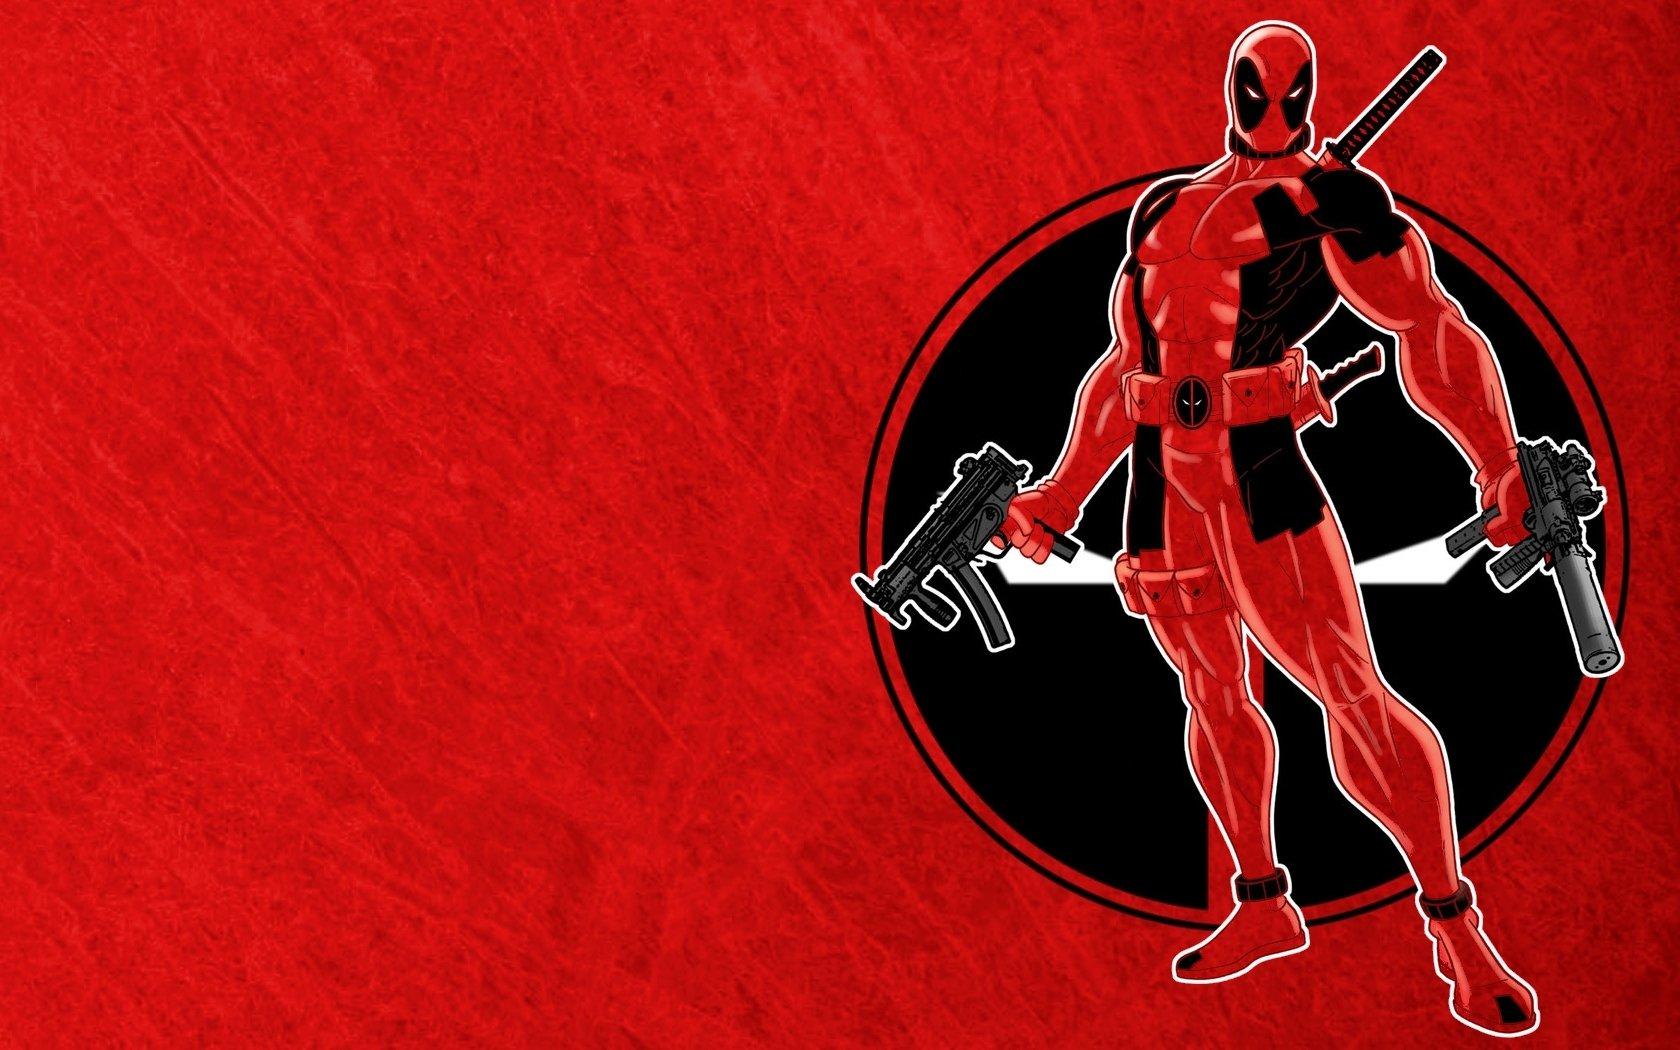 Comics - Deadpool  Red Wallpaper